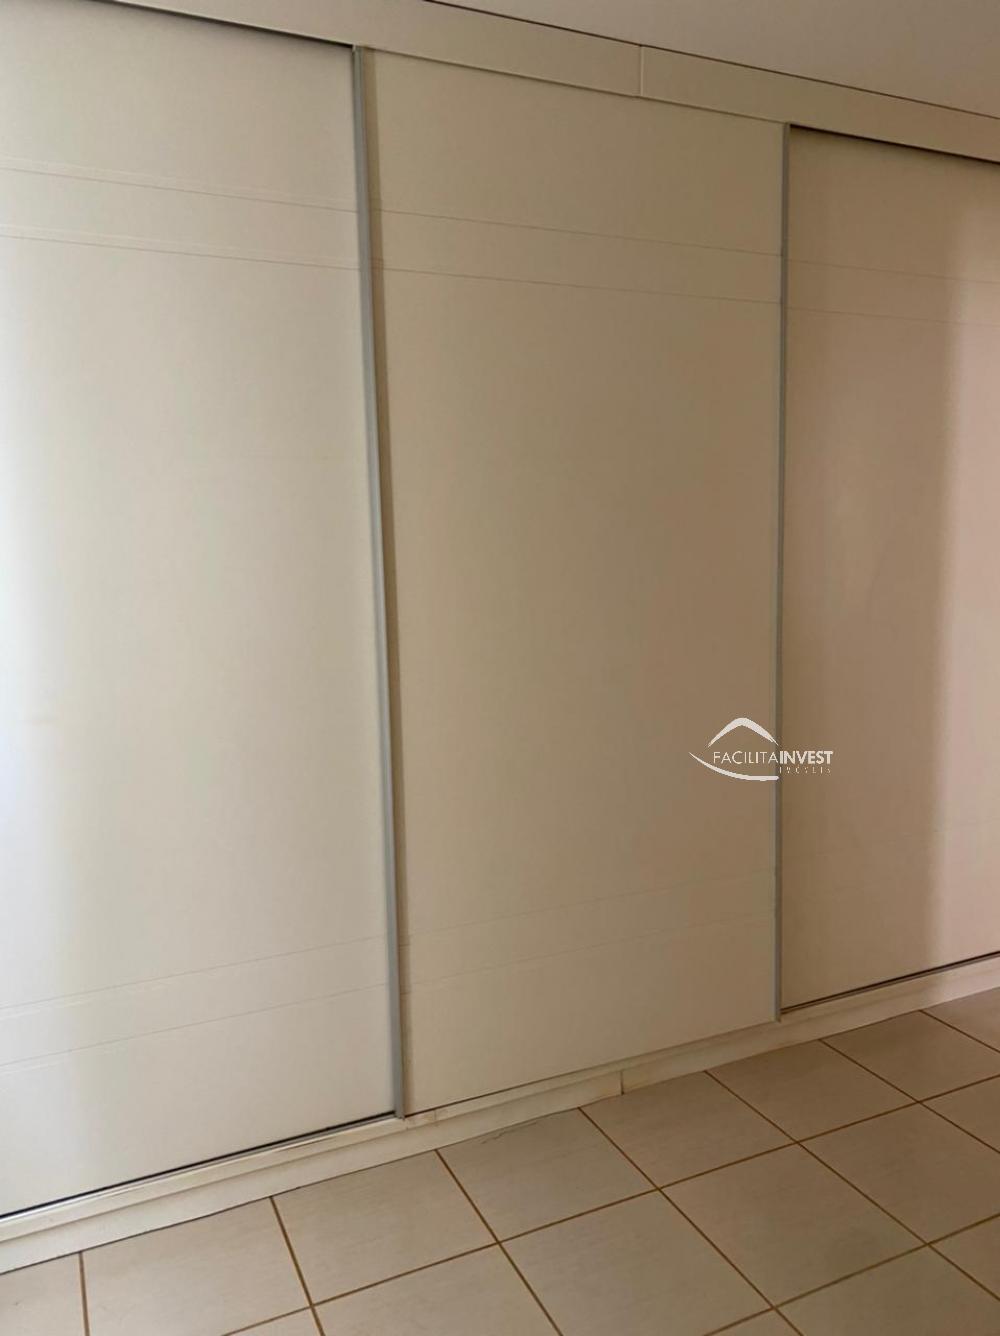 Alugar Apartamentos / Apart. Padrão em Ribeirão Preto R$ 2.400,00 - Foto 18